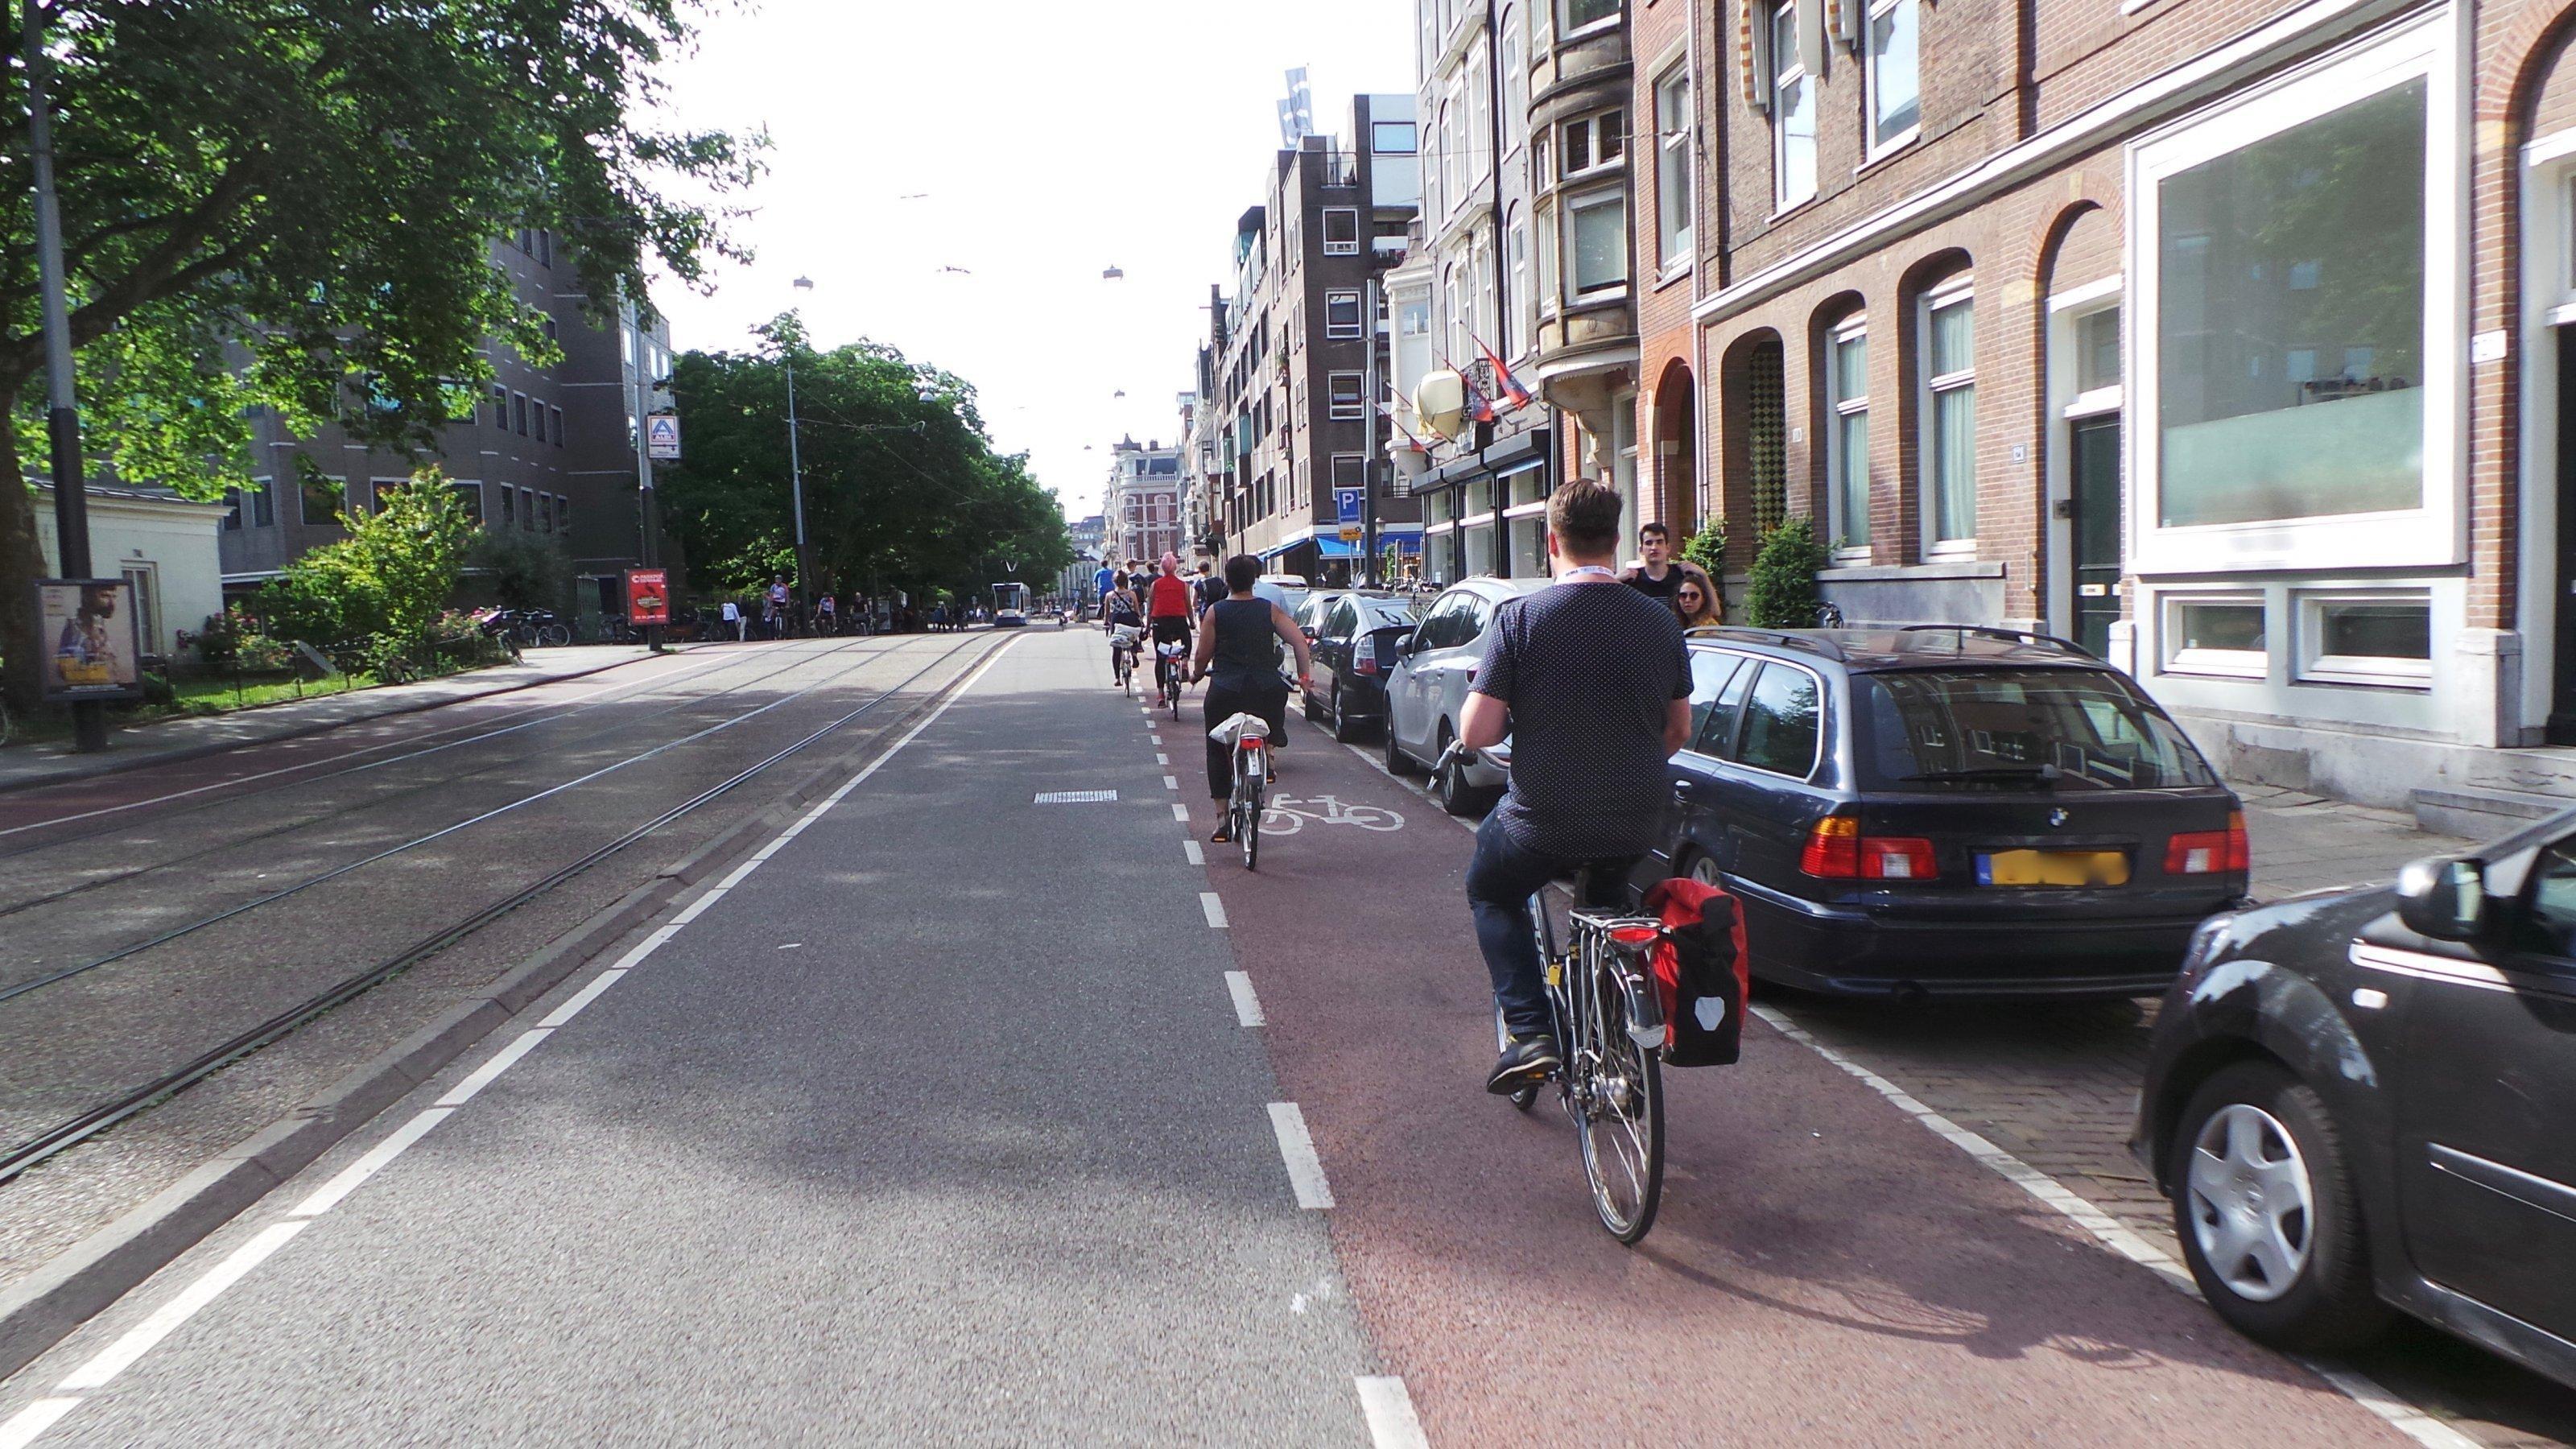 Blick auf eine Straße in Amsterdam, an deren rechter Seite Autos parken. Daneben fahren Radfahrer auf einer roten Radspur vorbei.